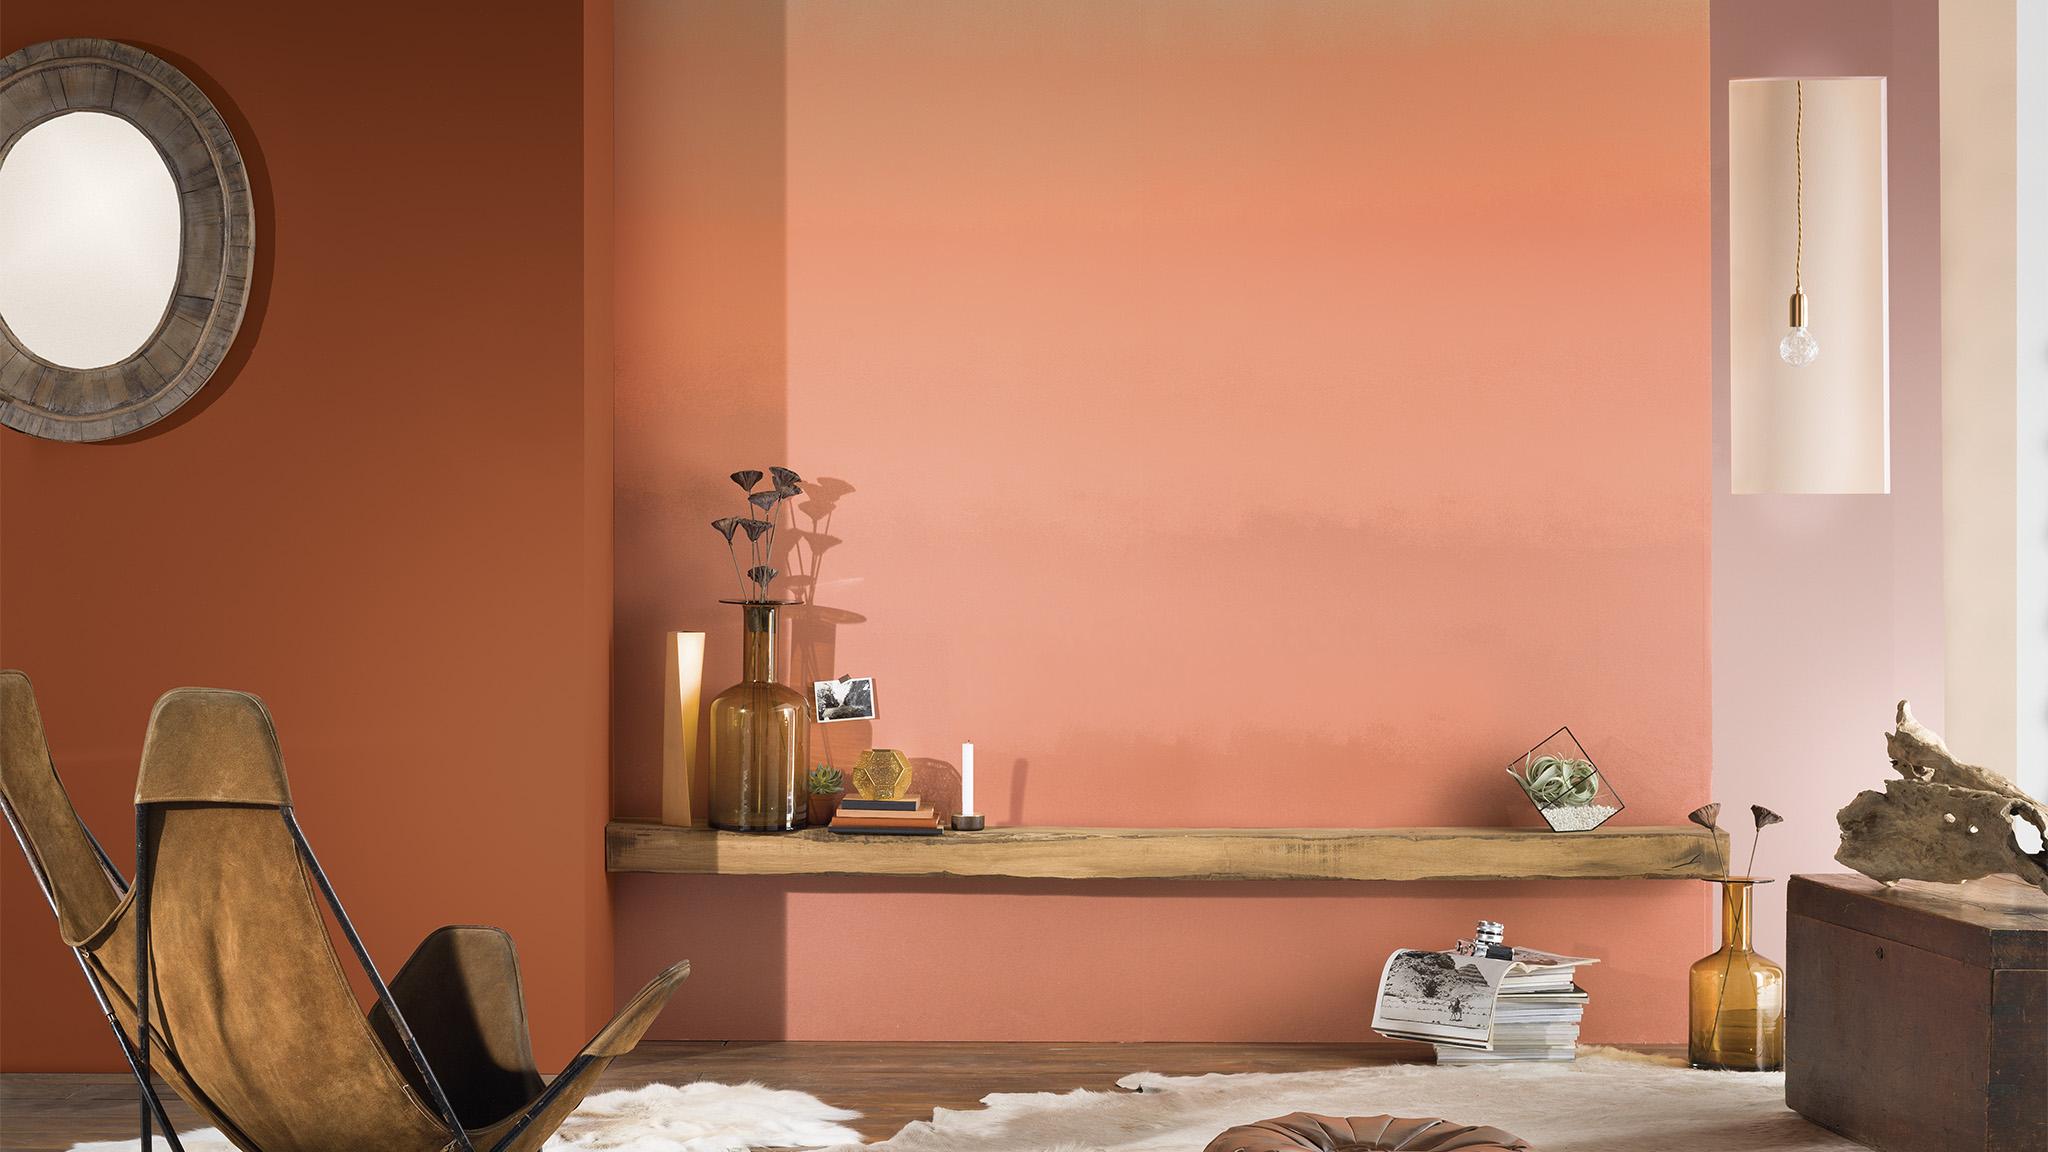 Về mặt phong thủy, sơn nhà với gam màu này không chỉ hợp mệnh với gia chủ mà còn mang ý nghĩa thịnh vượng, ấm no